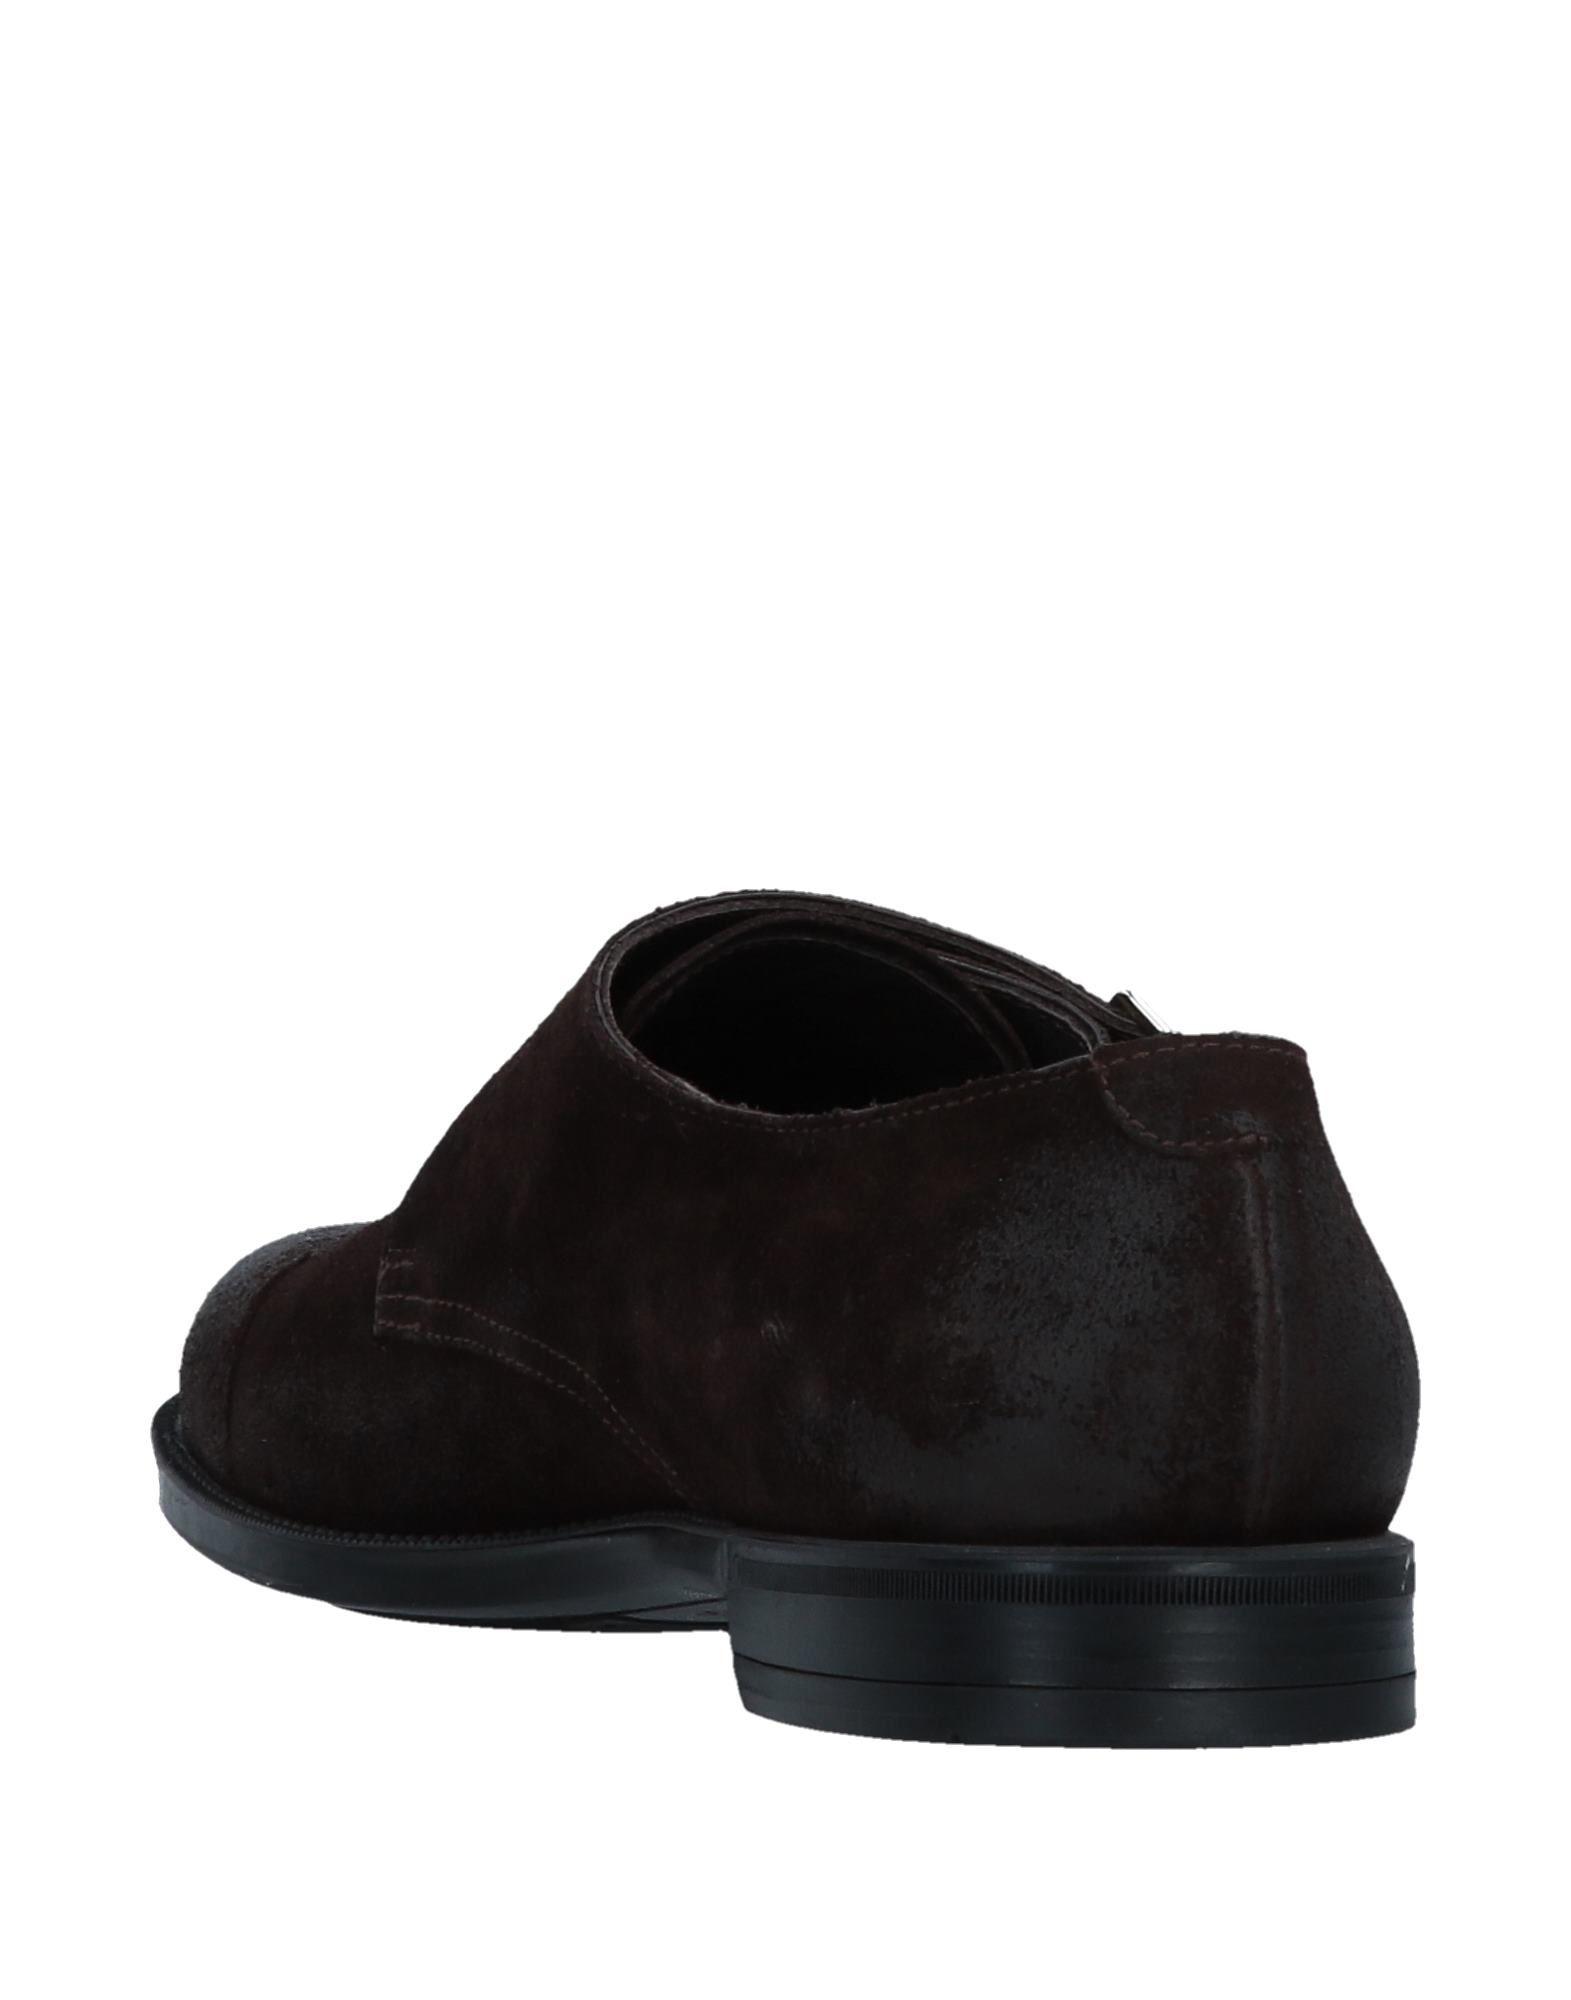 Doucal's Mokassins Gute Herren  11508736HQ Gute Mokassins Qualität beliebte Schuhe cf4801